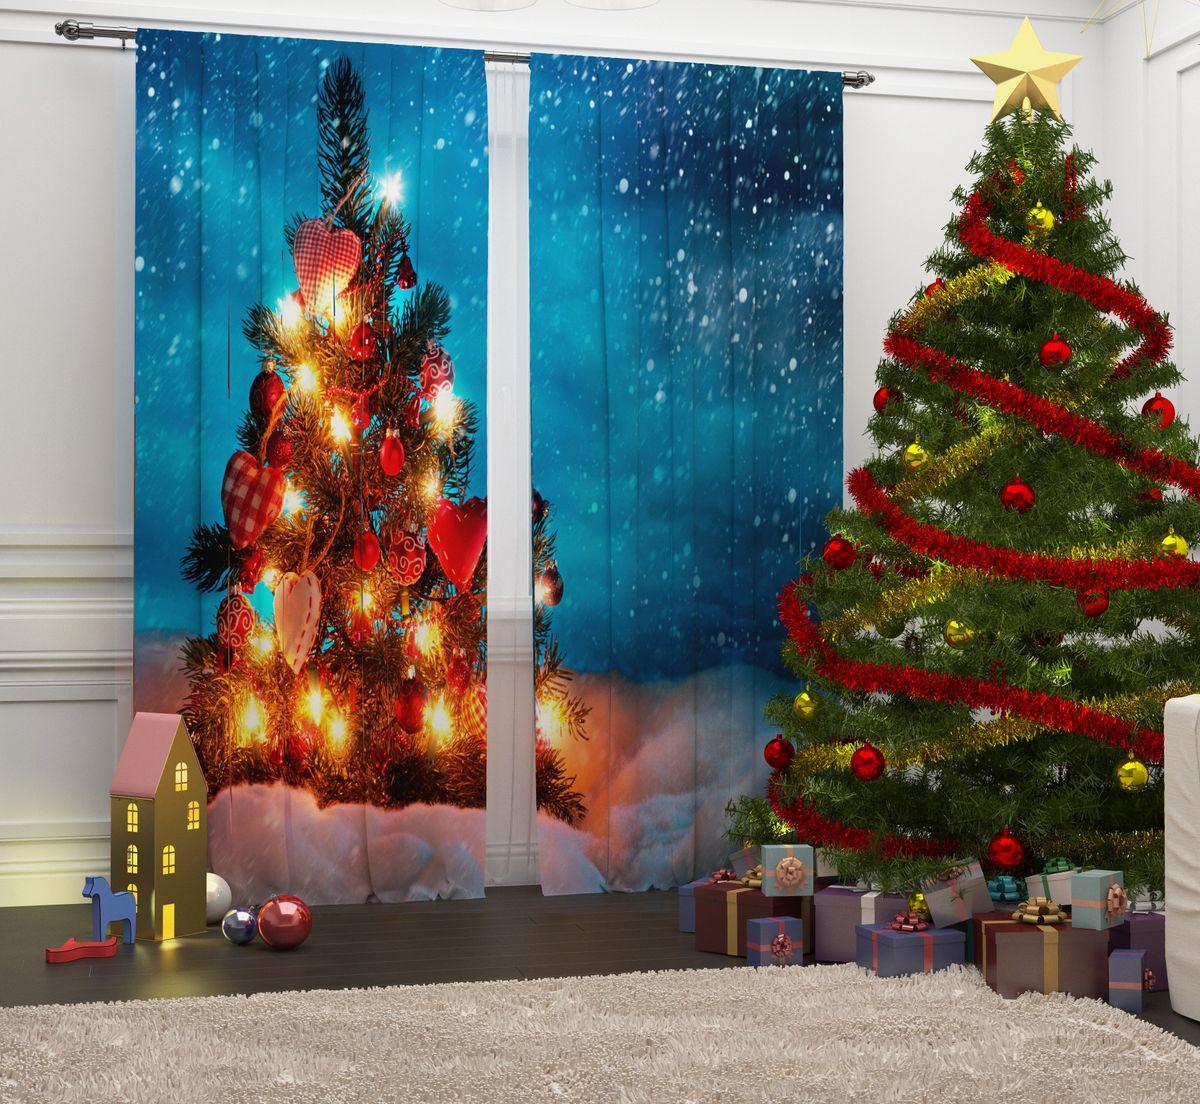 Фотошторы Сирень Рождественские огни, на ленте, высота 260 смшсг_9121Перед новогодними праздниками каждая хозяйка или хозяин хотят украсить свой дом. Мы предлагаем оригинальное решение, украсить Ваше окно фотошторами с новогодней тематикой. Новогодние фотошторы Сирень станут отличным подарком на Новый год. Подарите радость праздника себе и Вашим близким людям!Текстиль бренда «Сирень» - качество в каждом сантиметре ткани!Крепление на карниз при помощи шторной ленты на крючки.В комплекте: Портьера: 2 шт. Размер (ШхВ): 145 см х 260 см. Рекомендации по уходу: стирка при 30 градусах гладить при температуре до 150 градусов Изображение на мониторе может немного отличаться от реального.